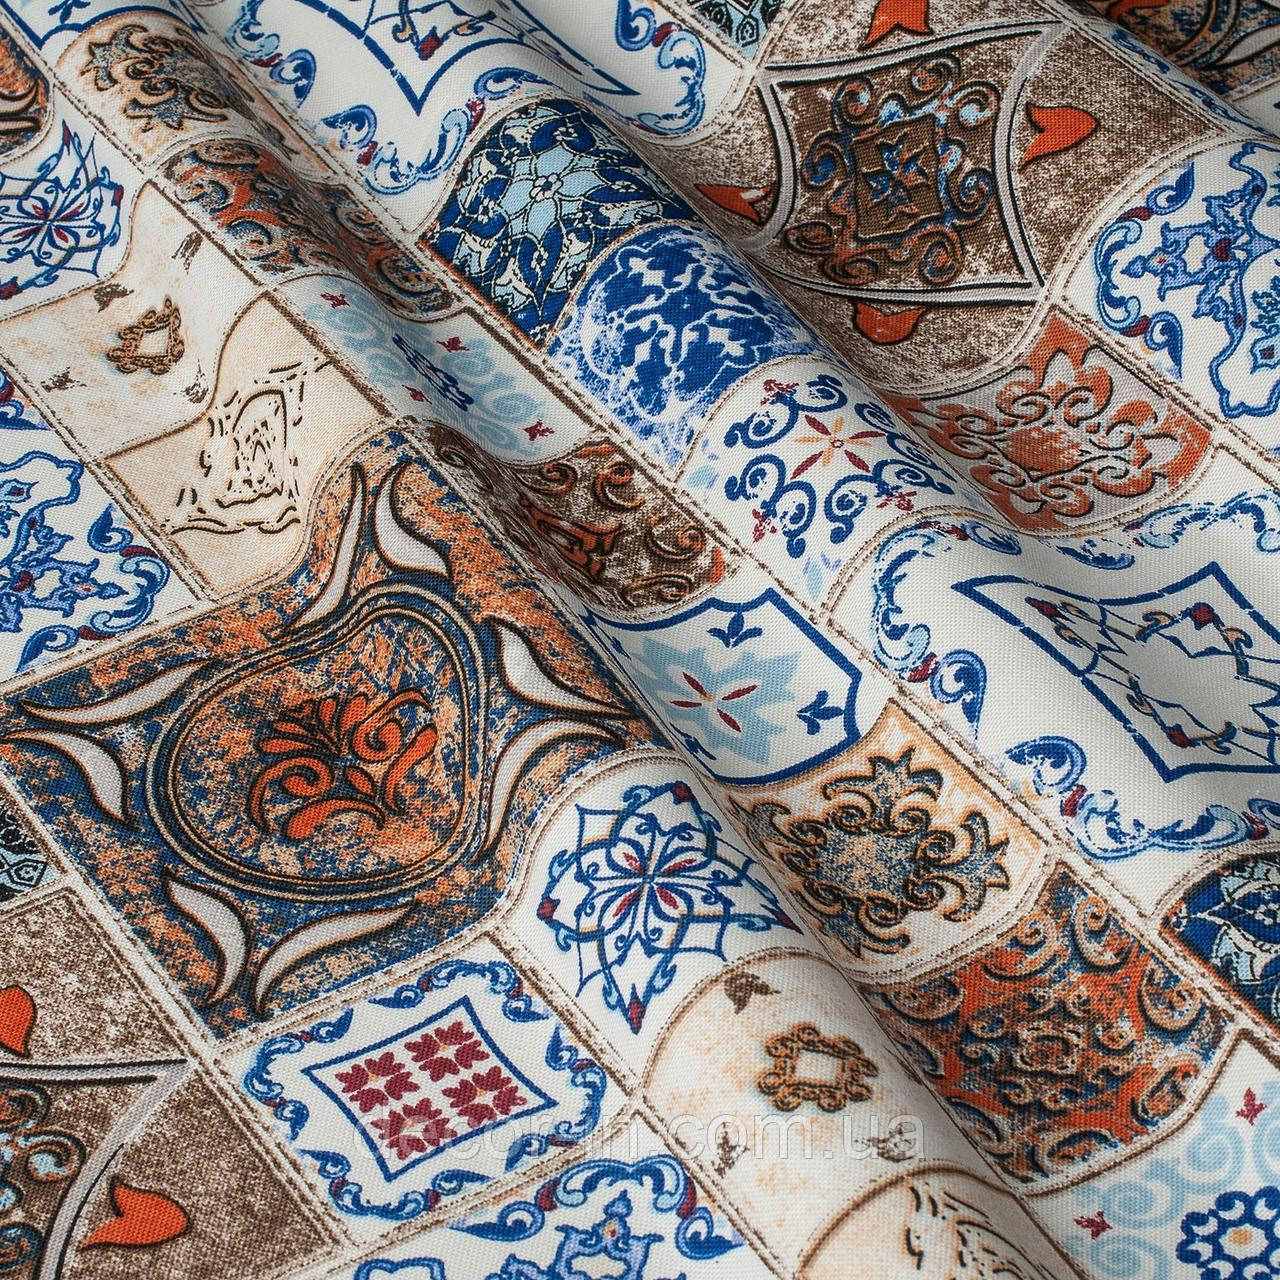 Декоративна тканина пэтчворк синій і коричневий Туреччина 87917v1